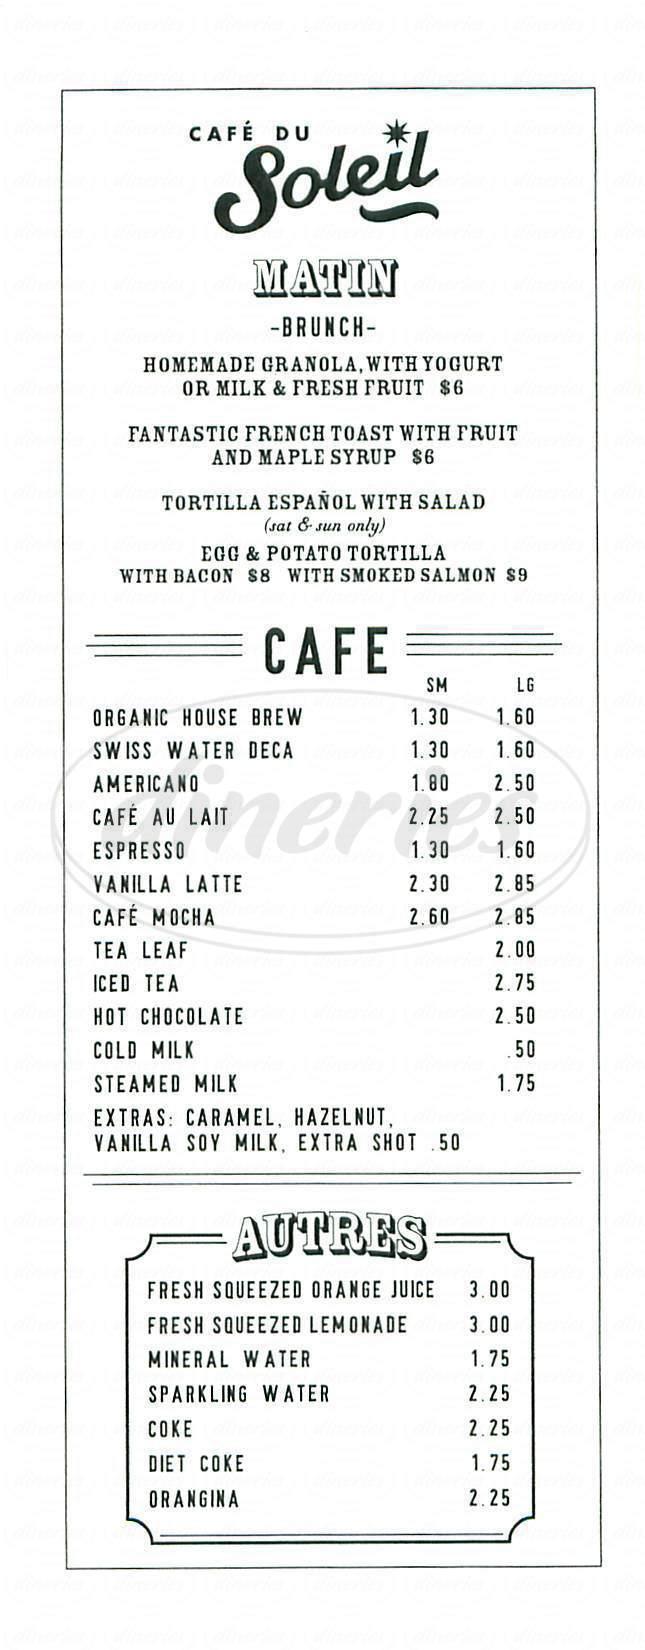 menu for Café du Soleil